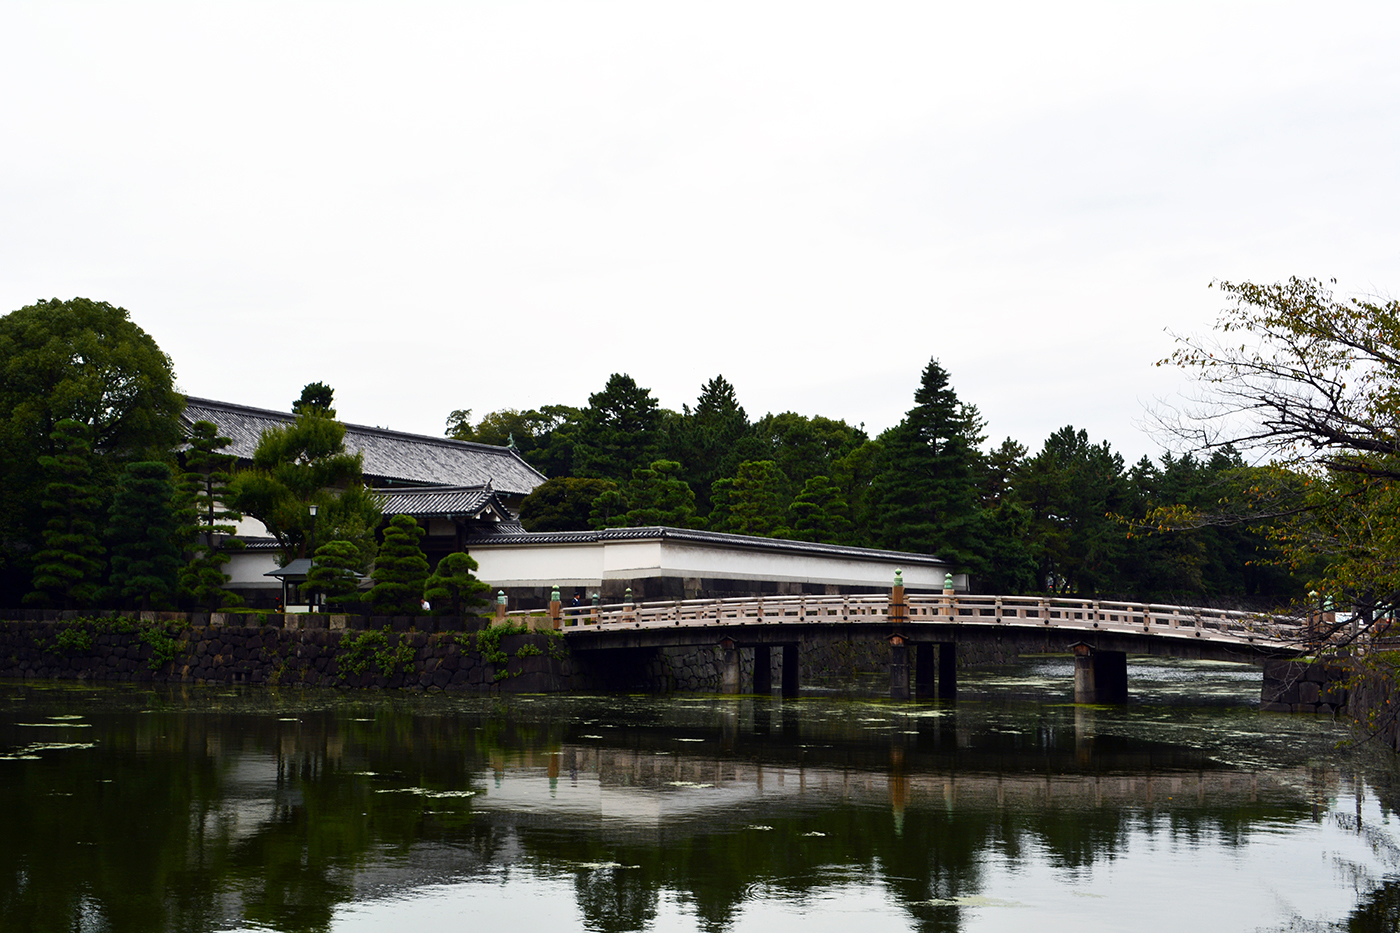 皇居 平川橋 平川門 大手濠2